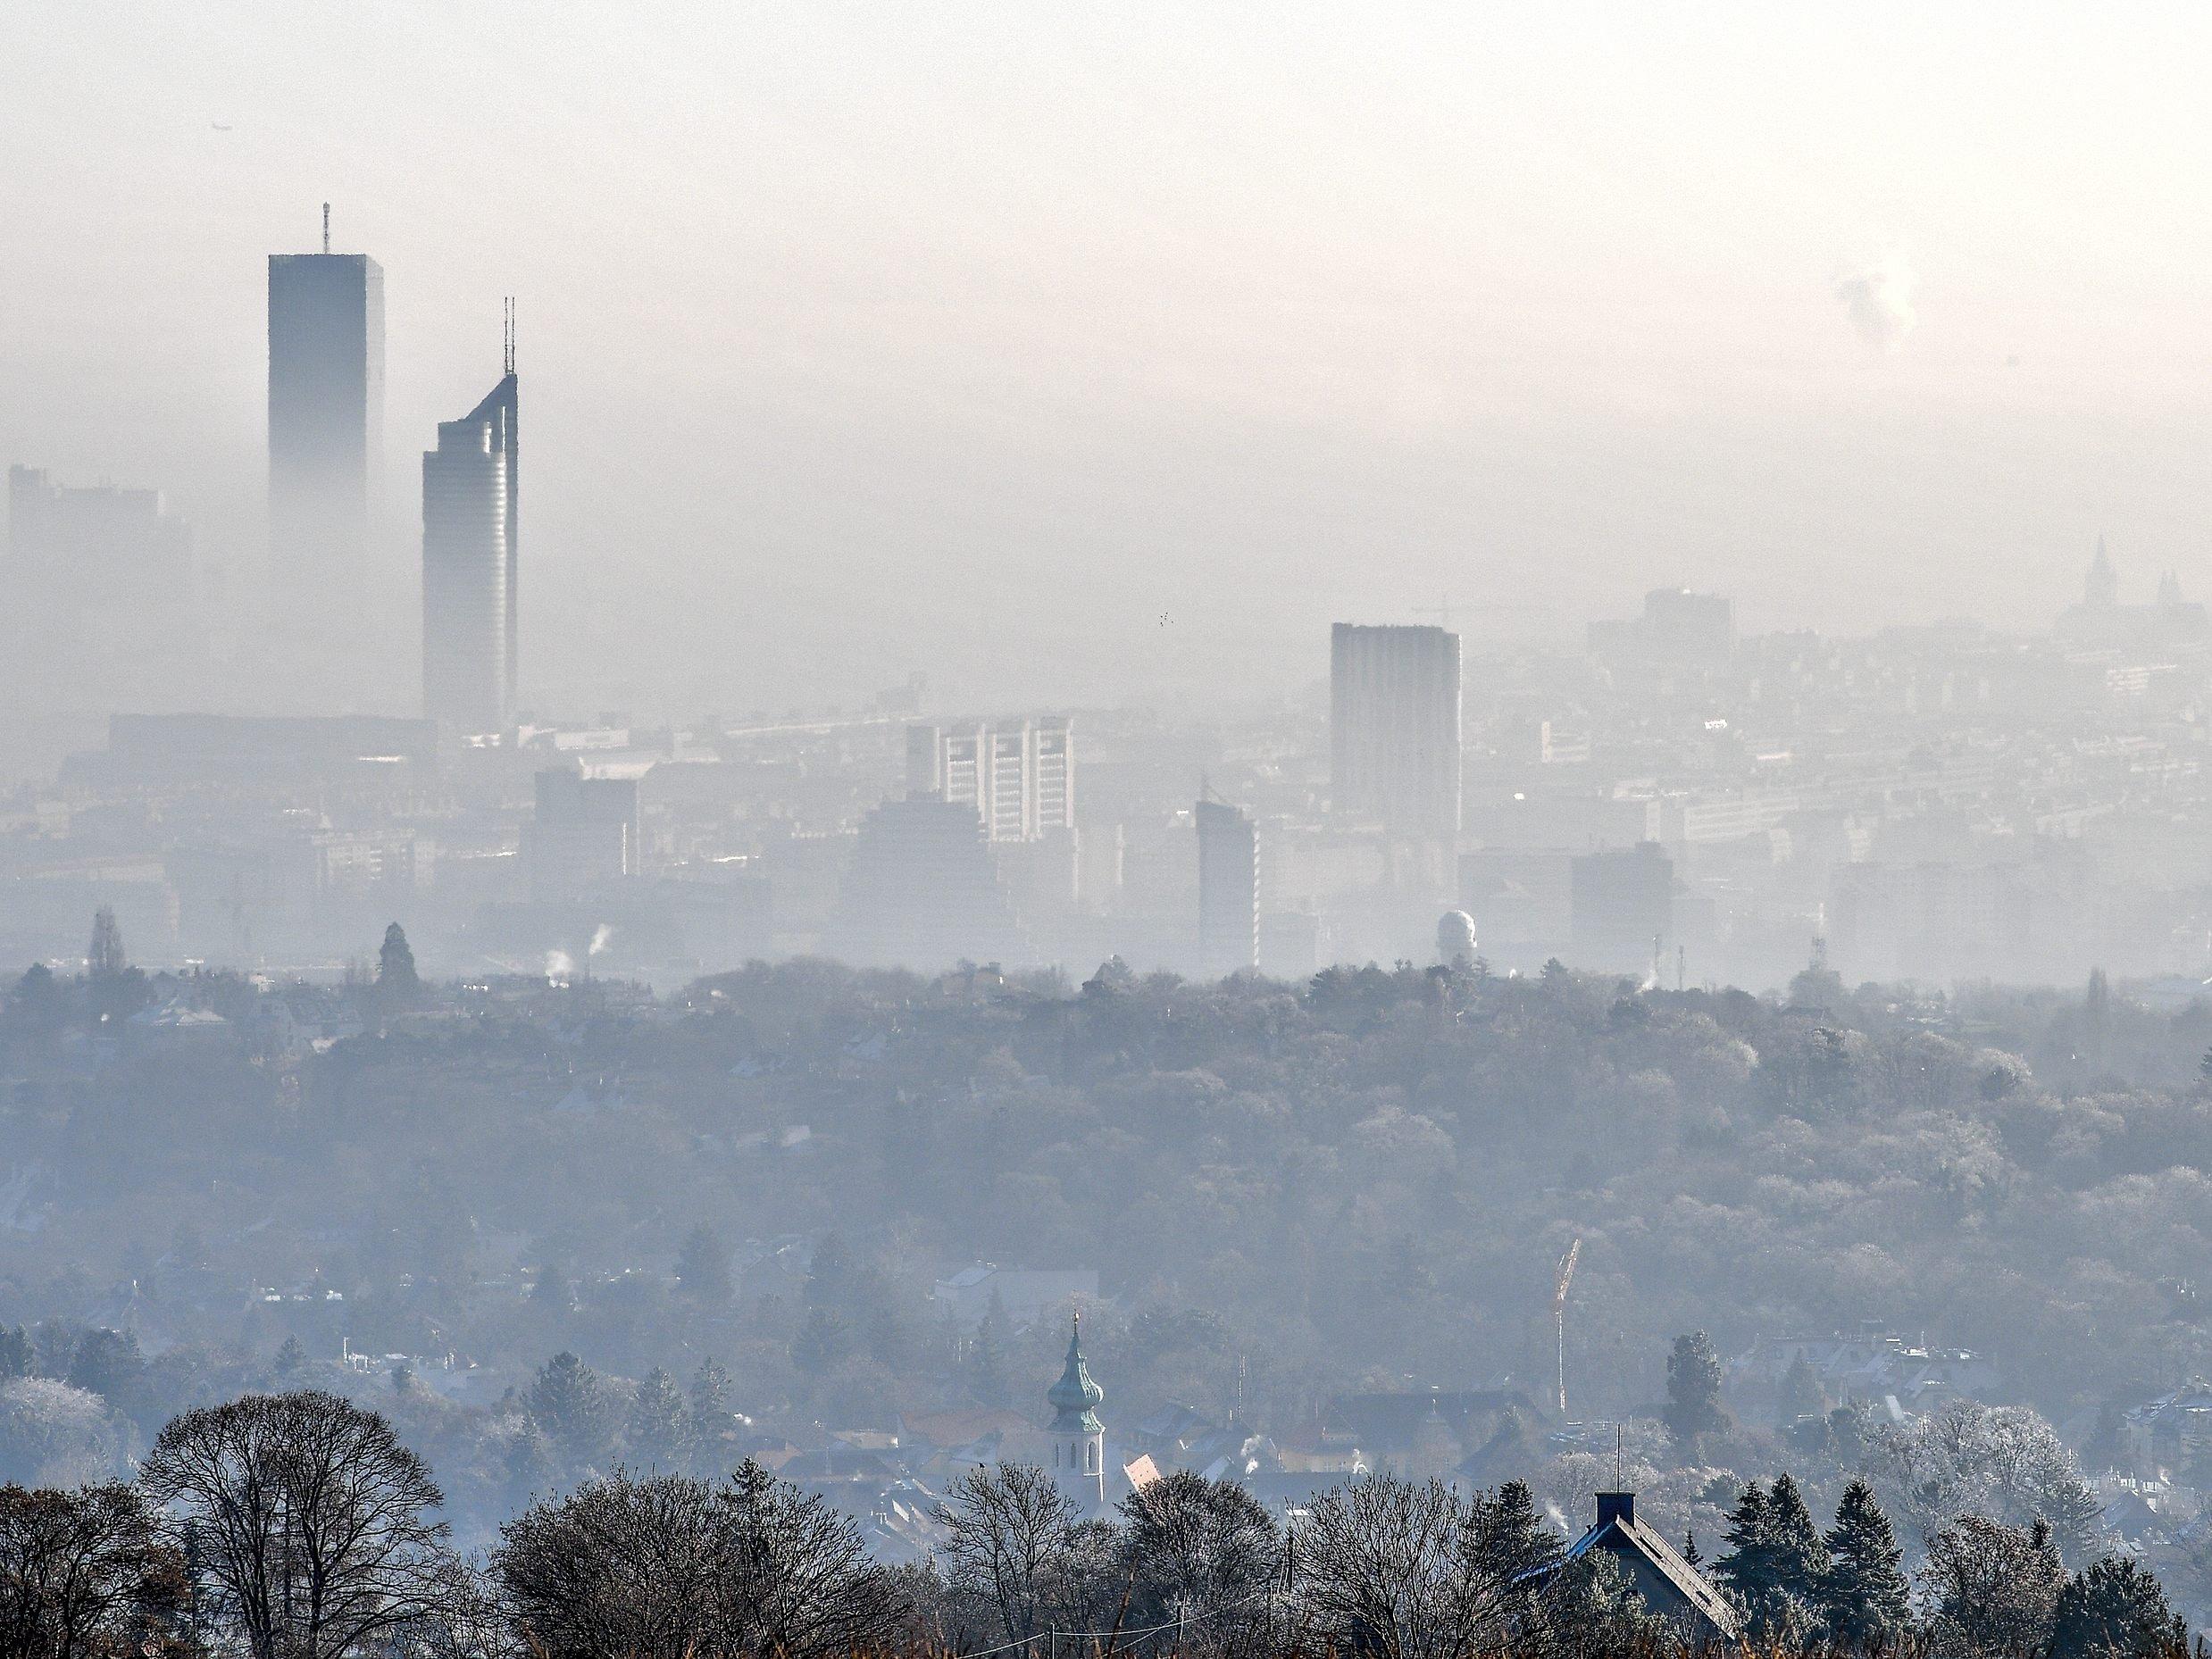 Wohnungspreise In Wien Weitere Verteuerung In Den Nächsten Jahren